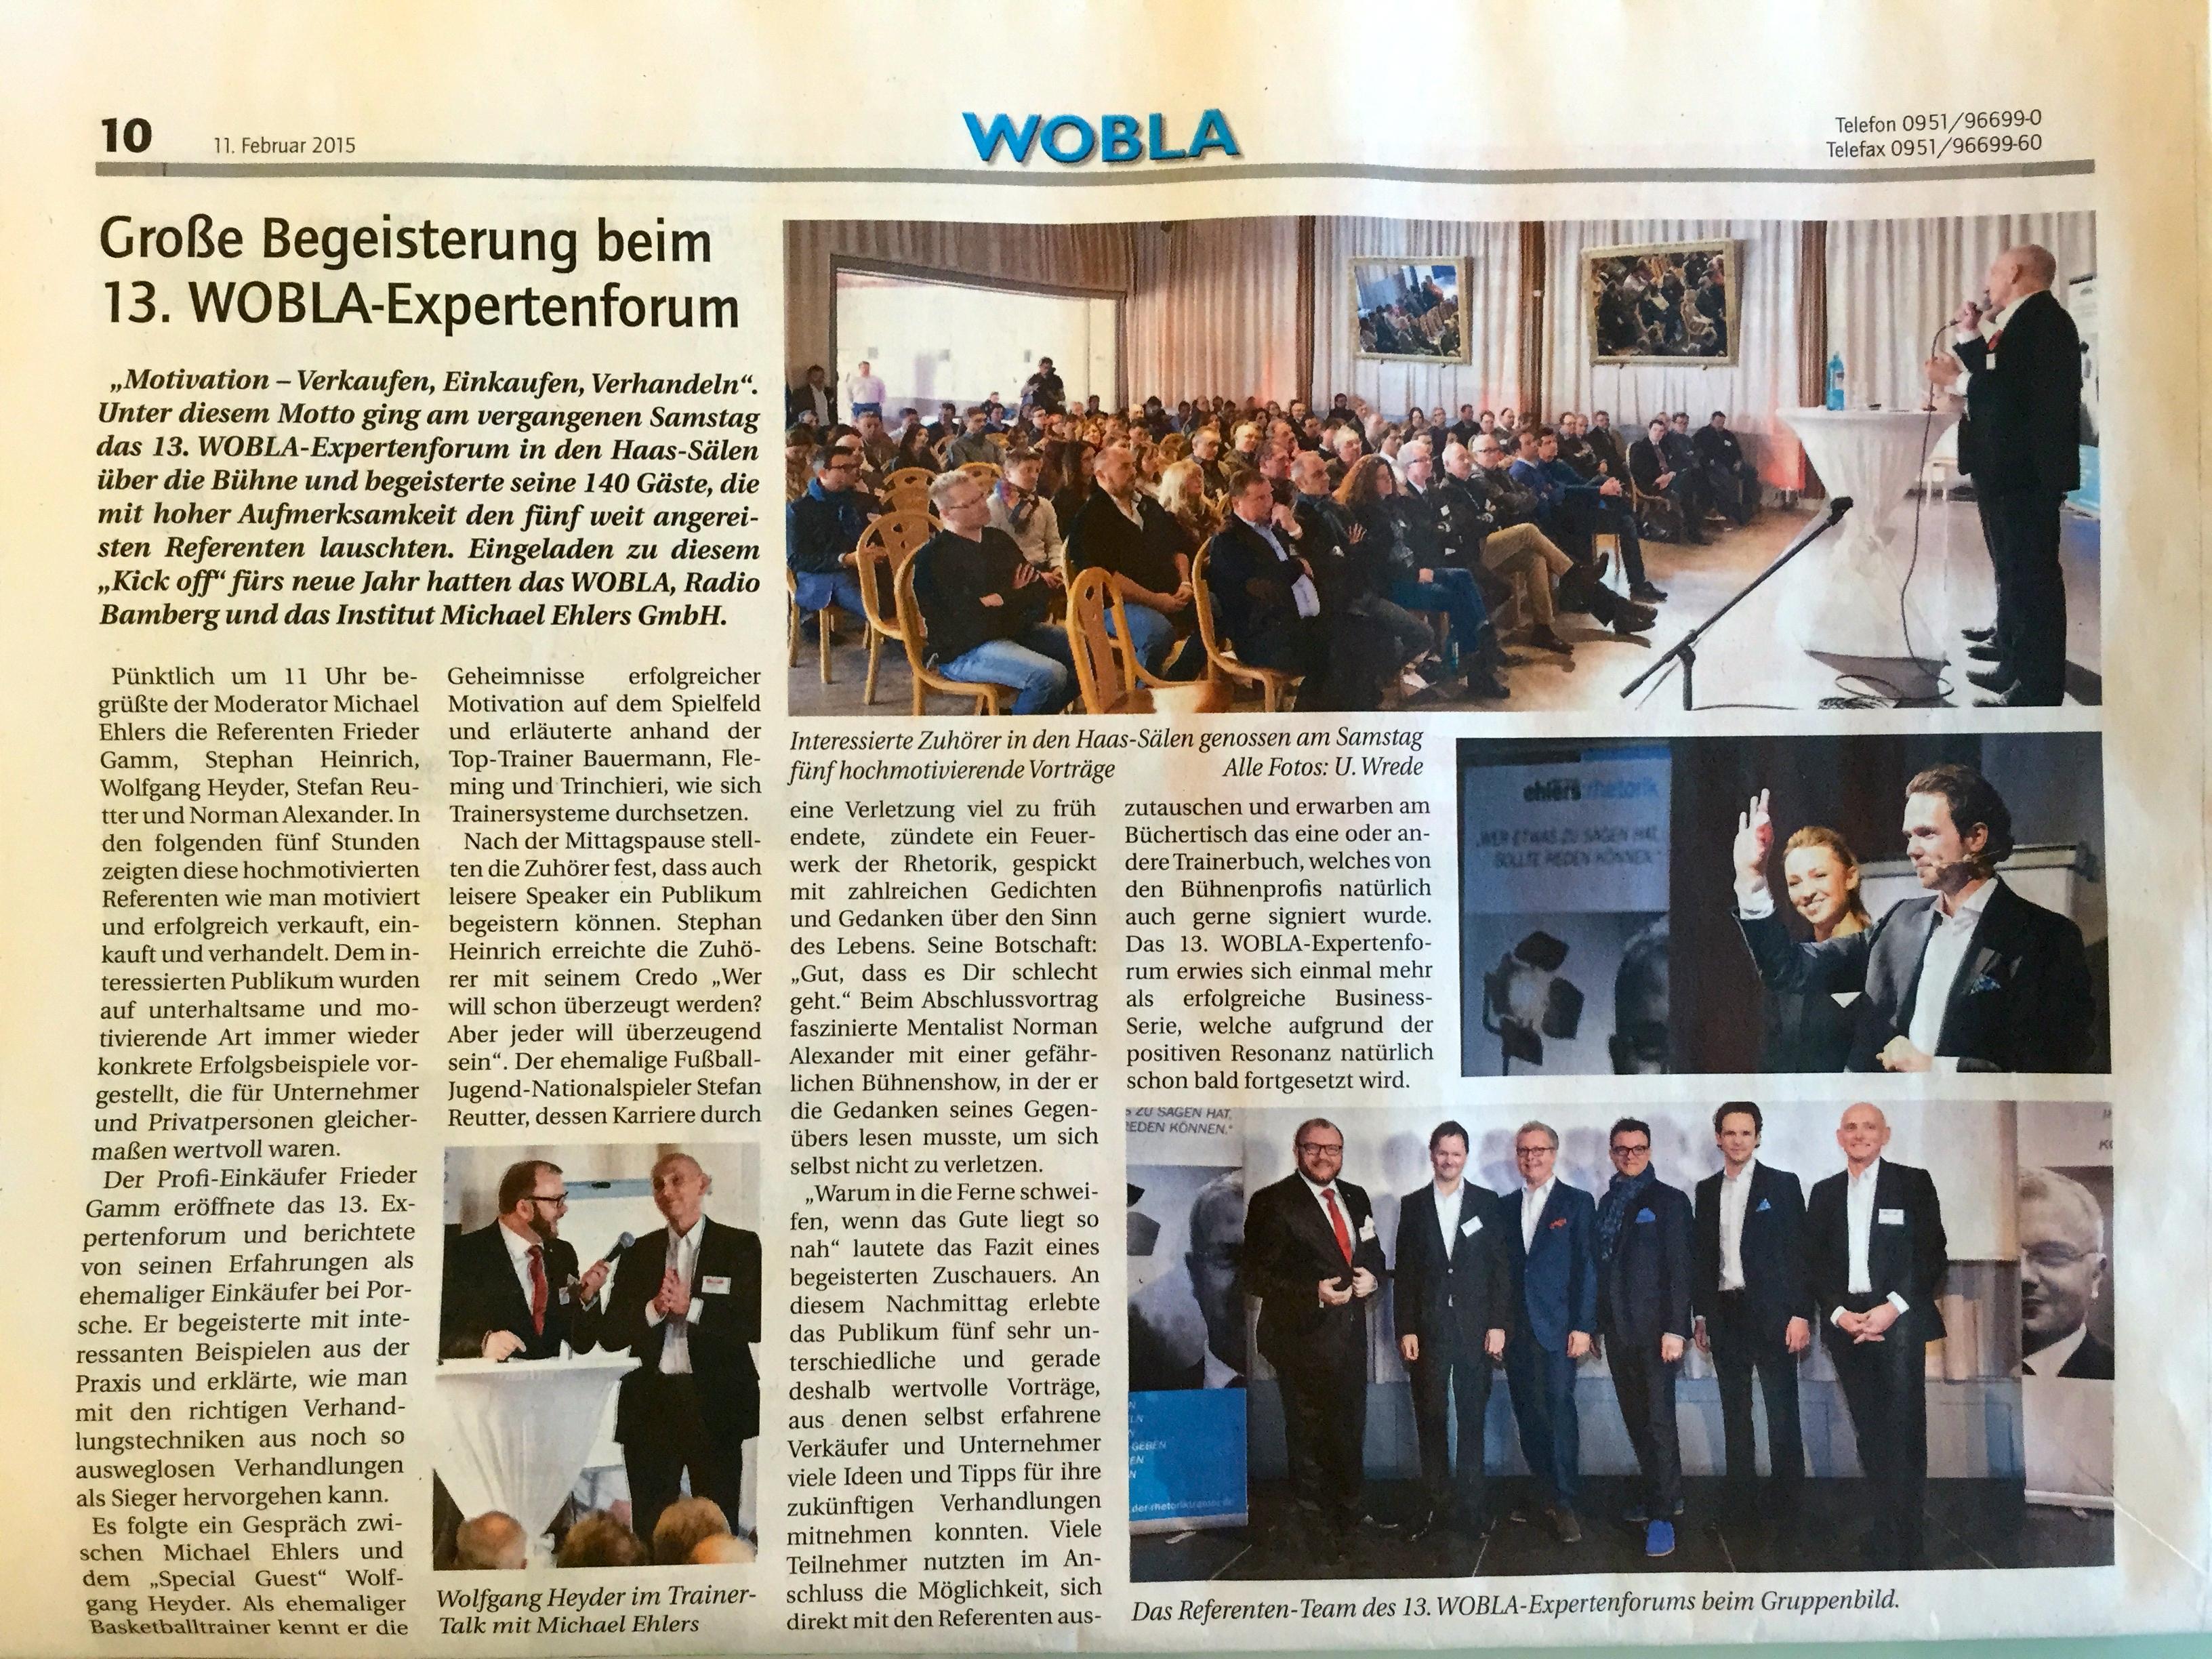 Der Zeitungsbericht von unserem Medienpartner WOBLA